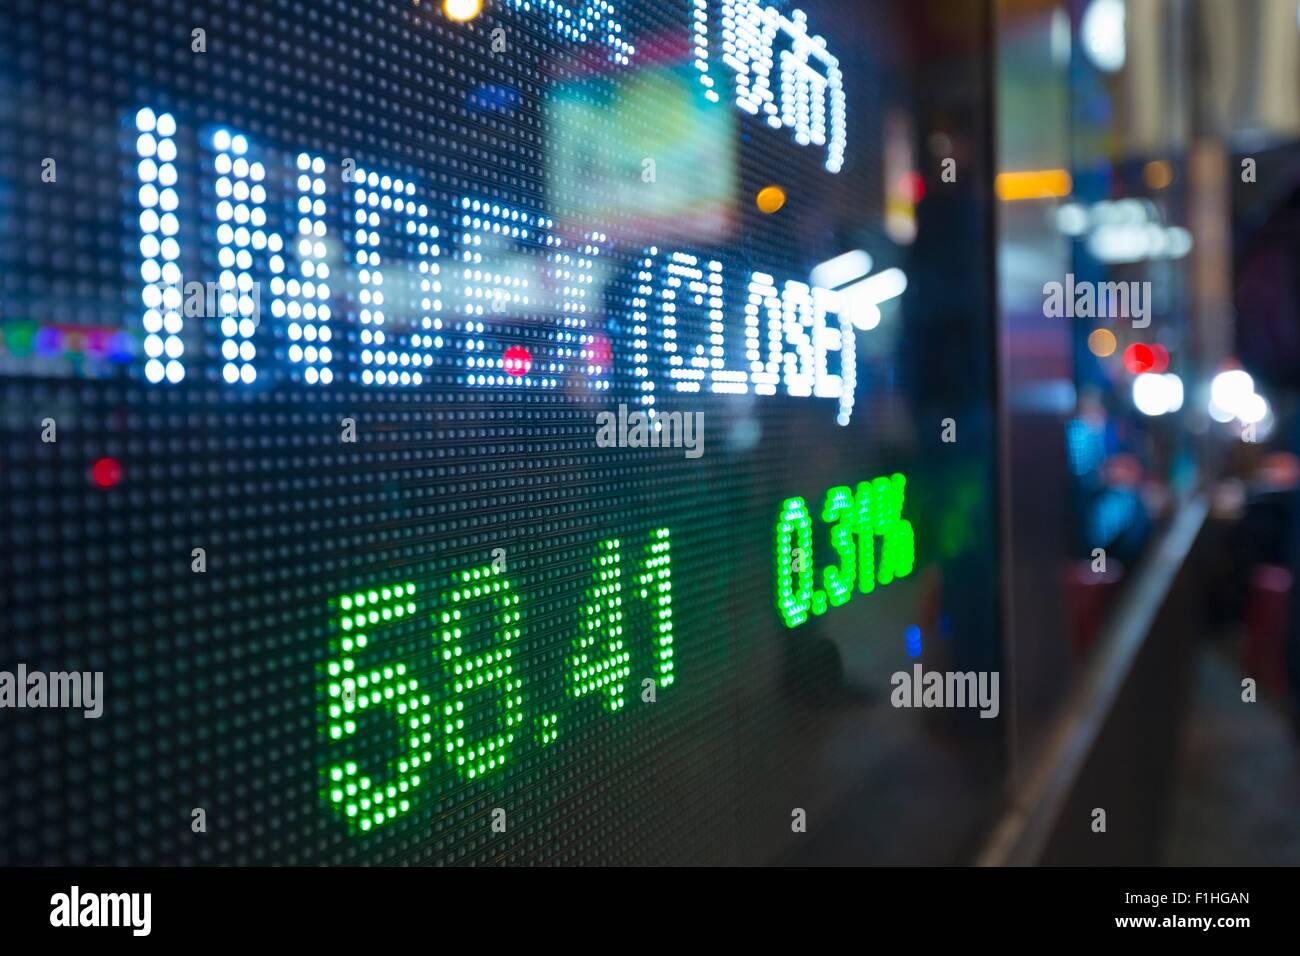 Pantalla digital para los cambios en el mercado bursátil, Hong Kong, China Imagen De Stock